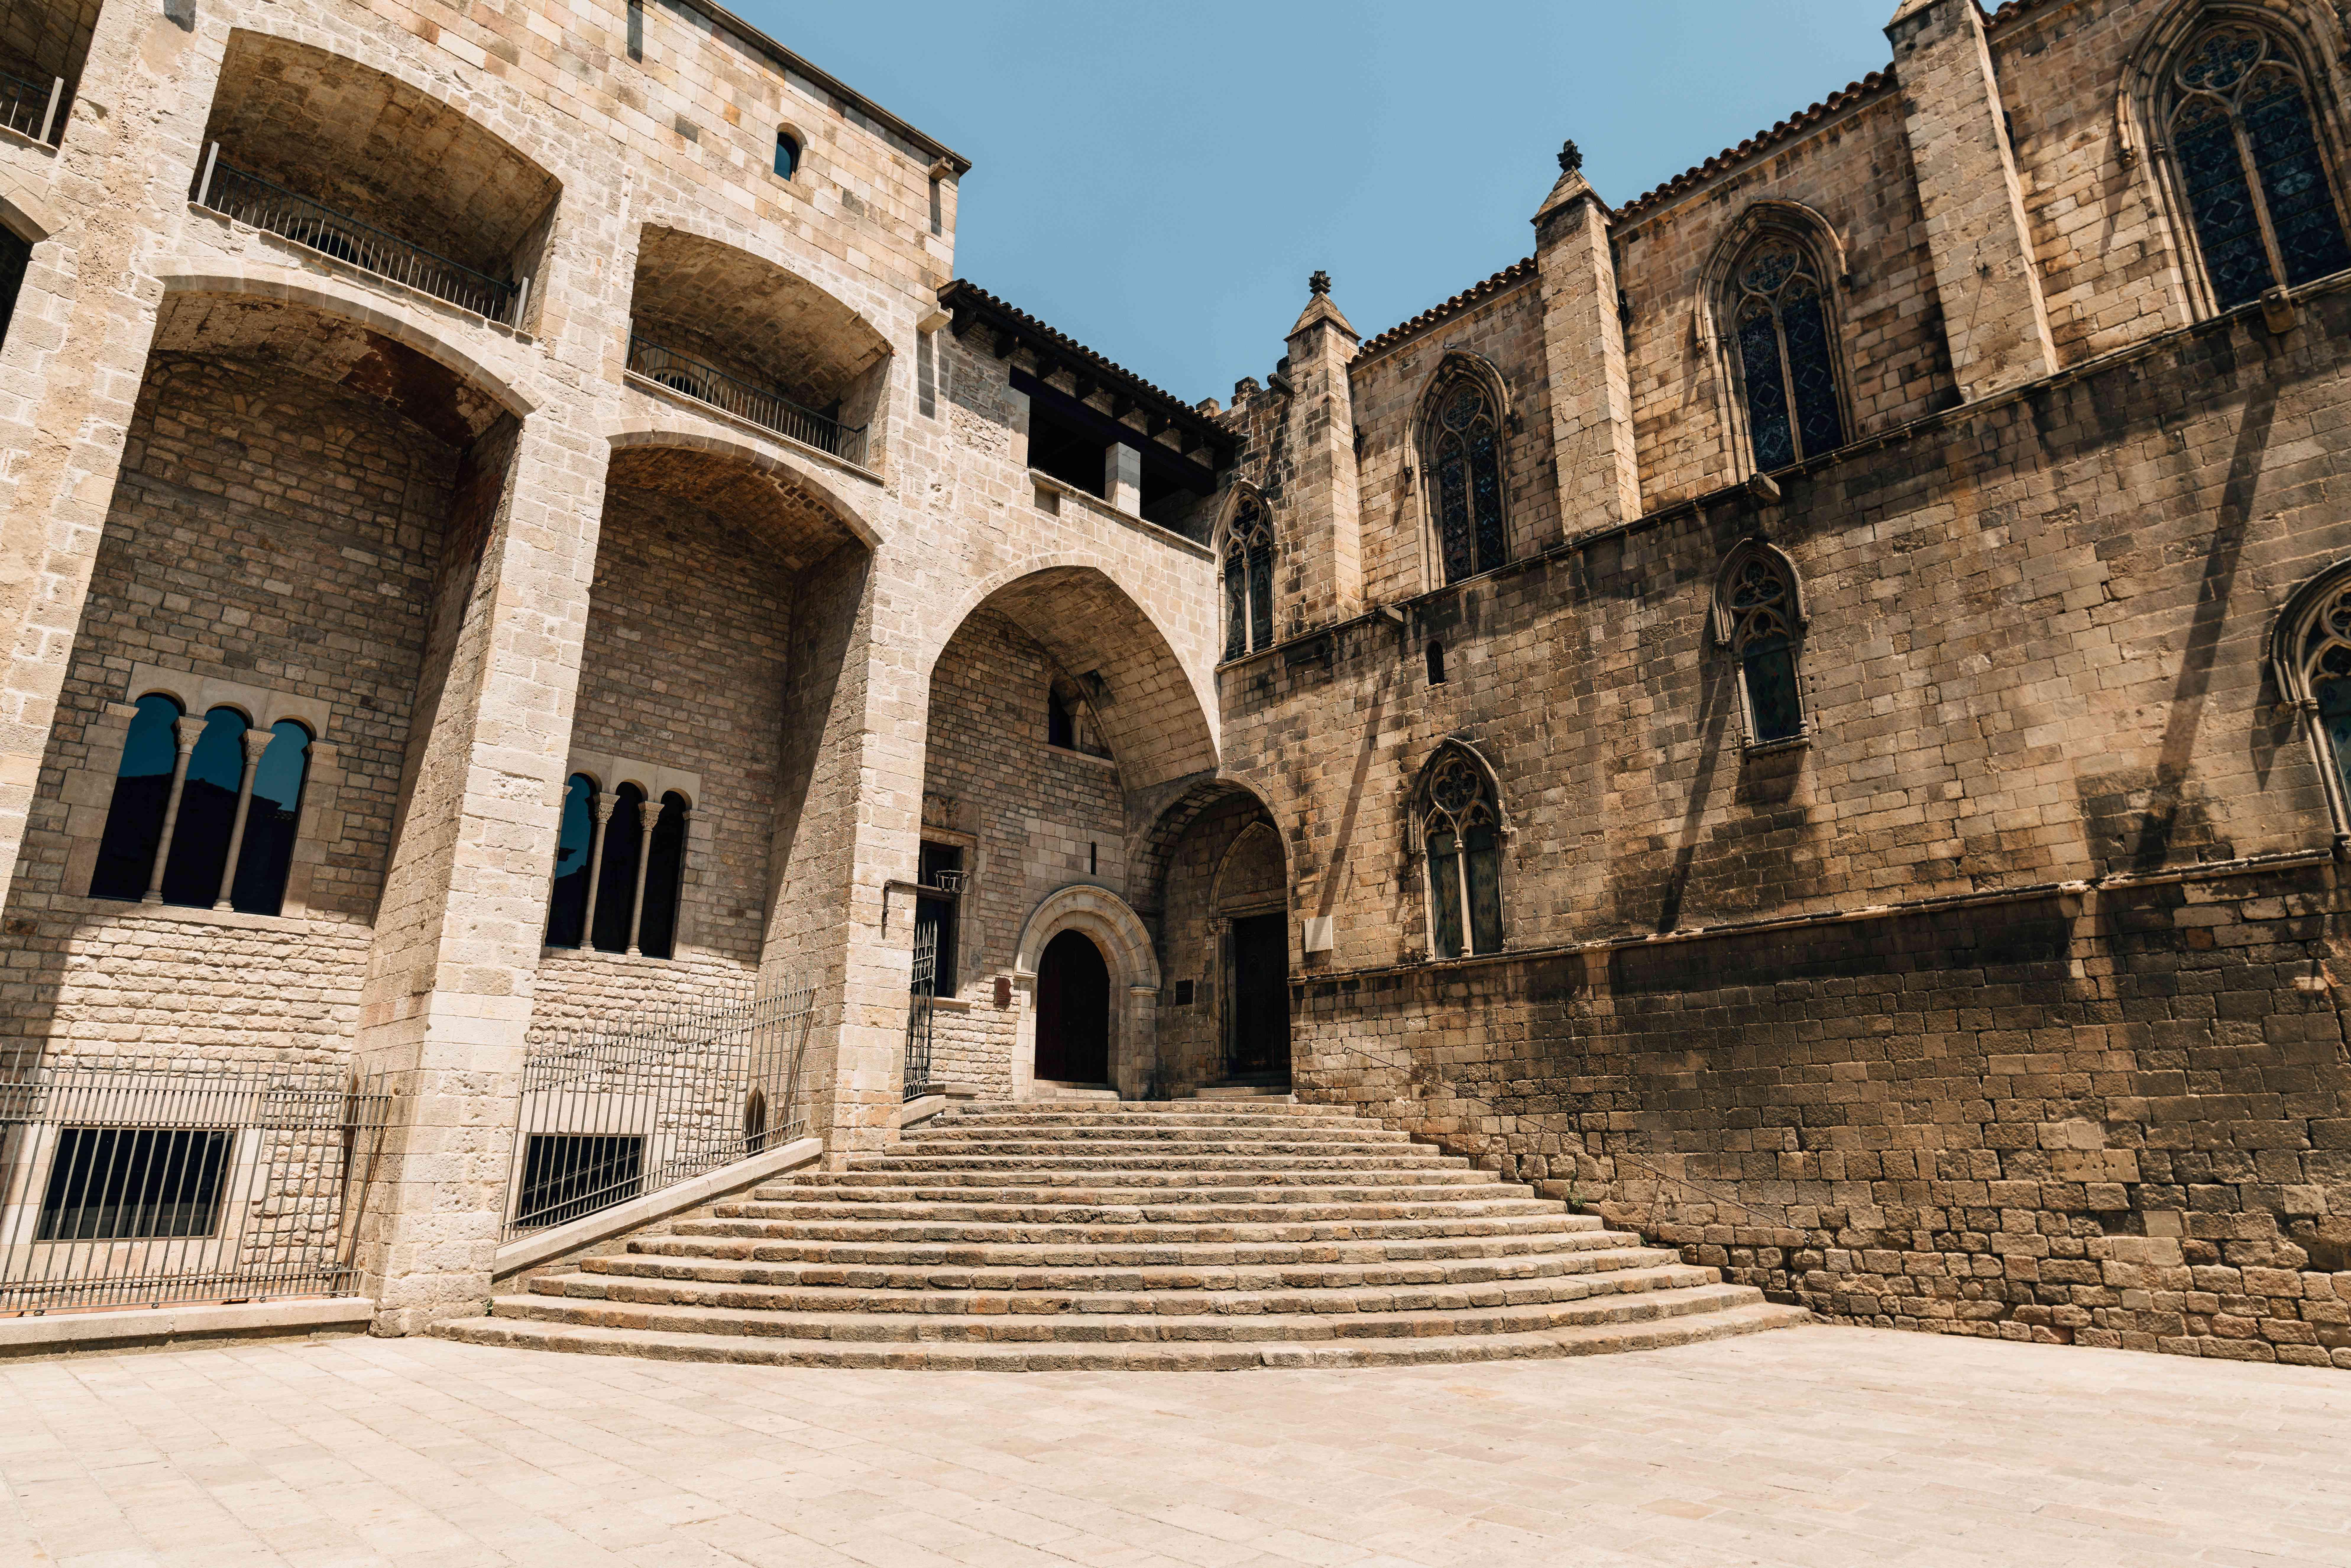 Museu d'Histïria de La Ciutat